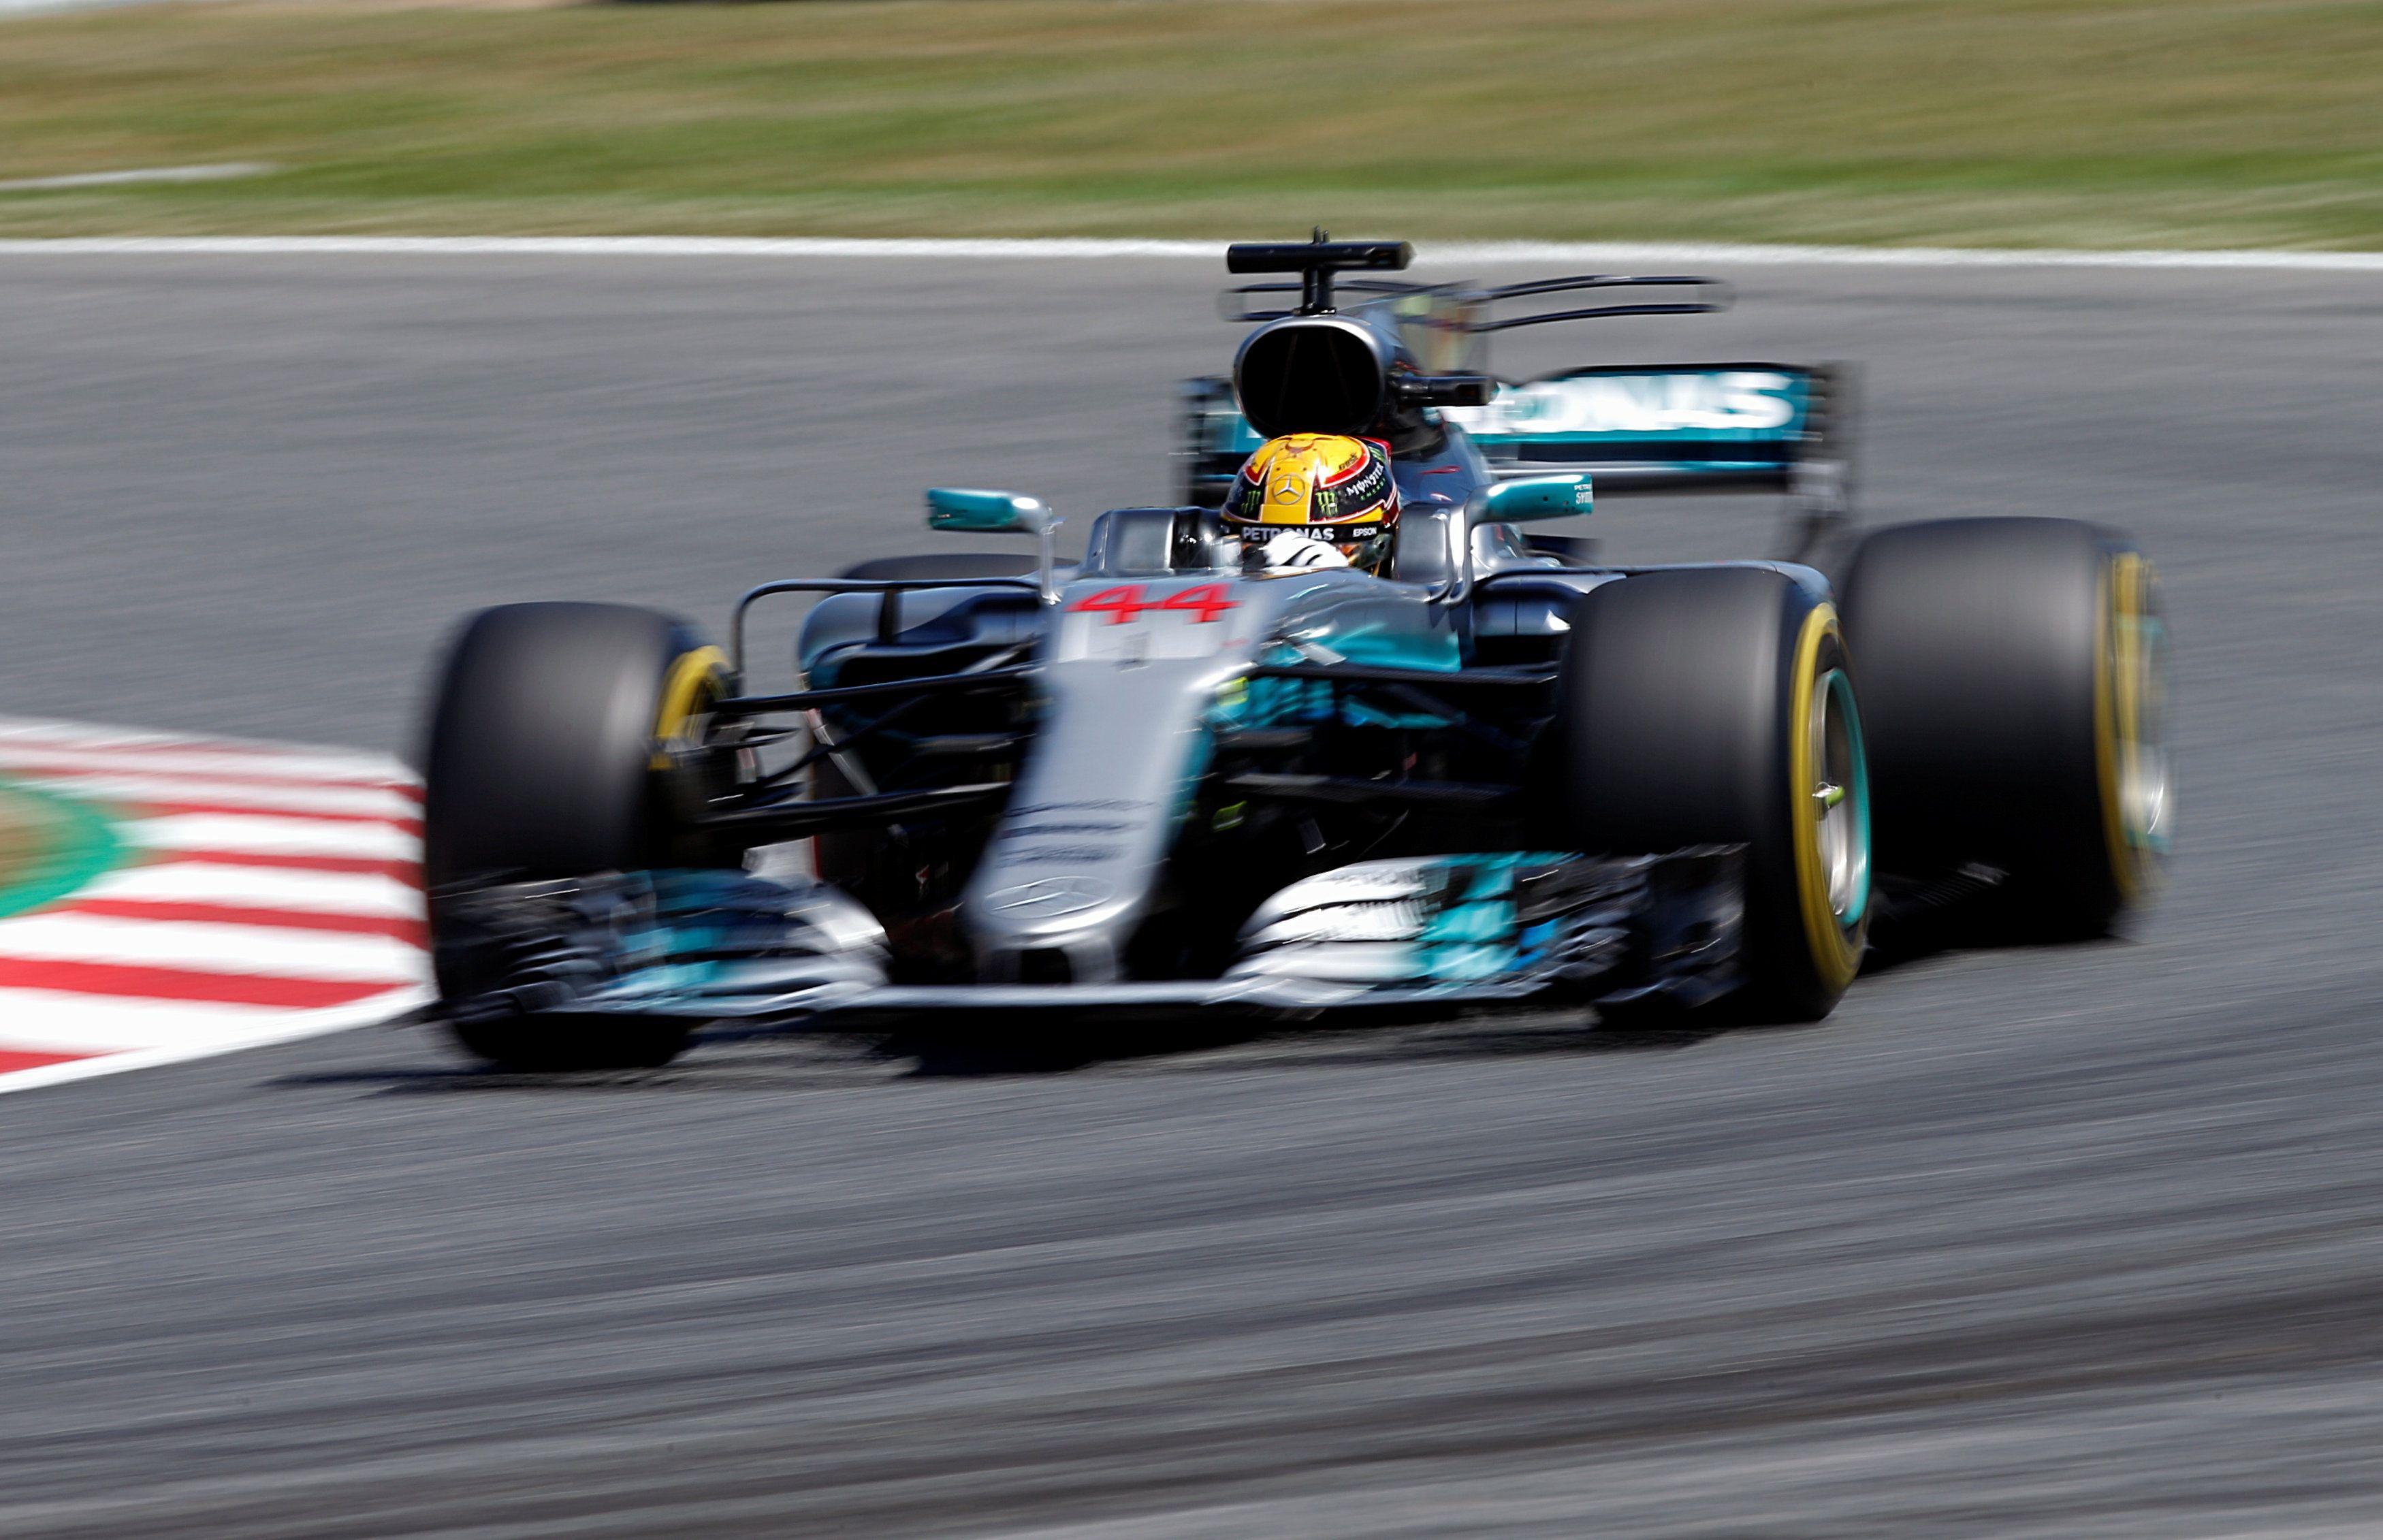 Хэмилтон выиграл квалификацию гонки в Испании / Reuters